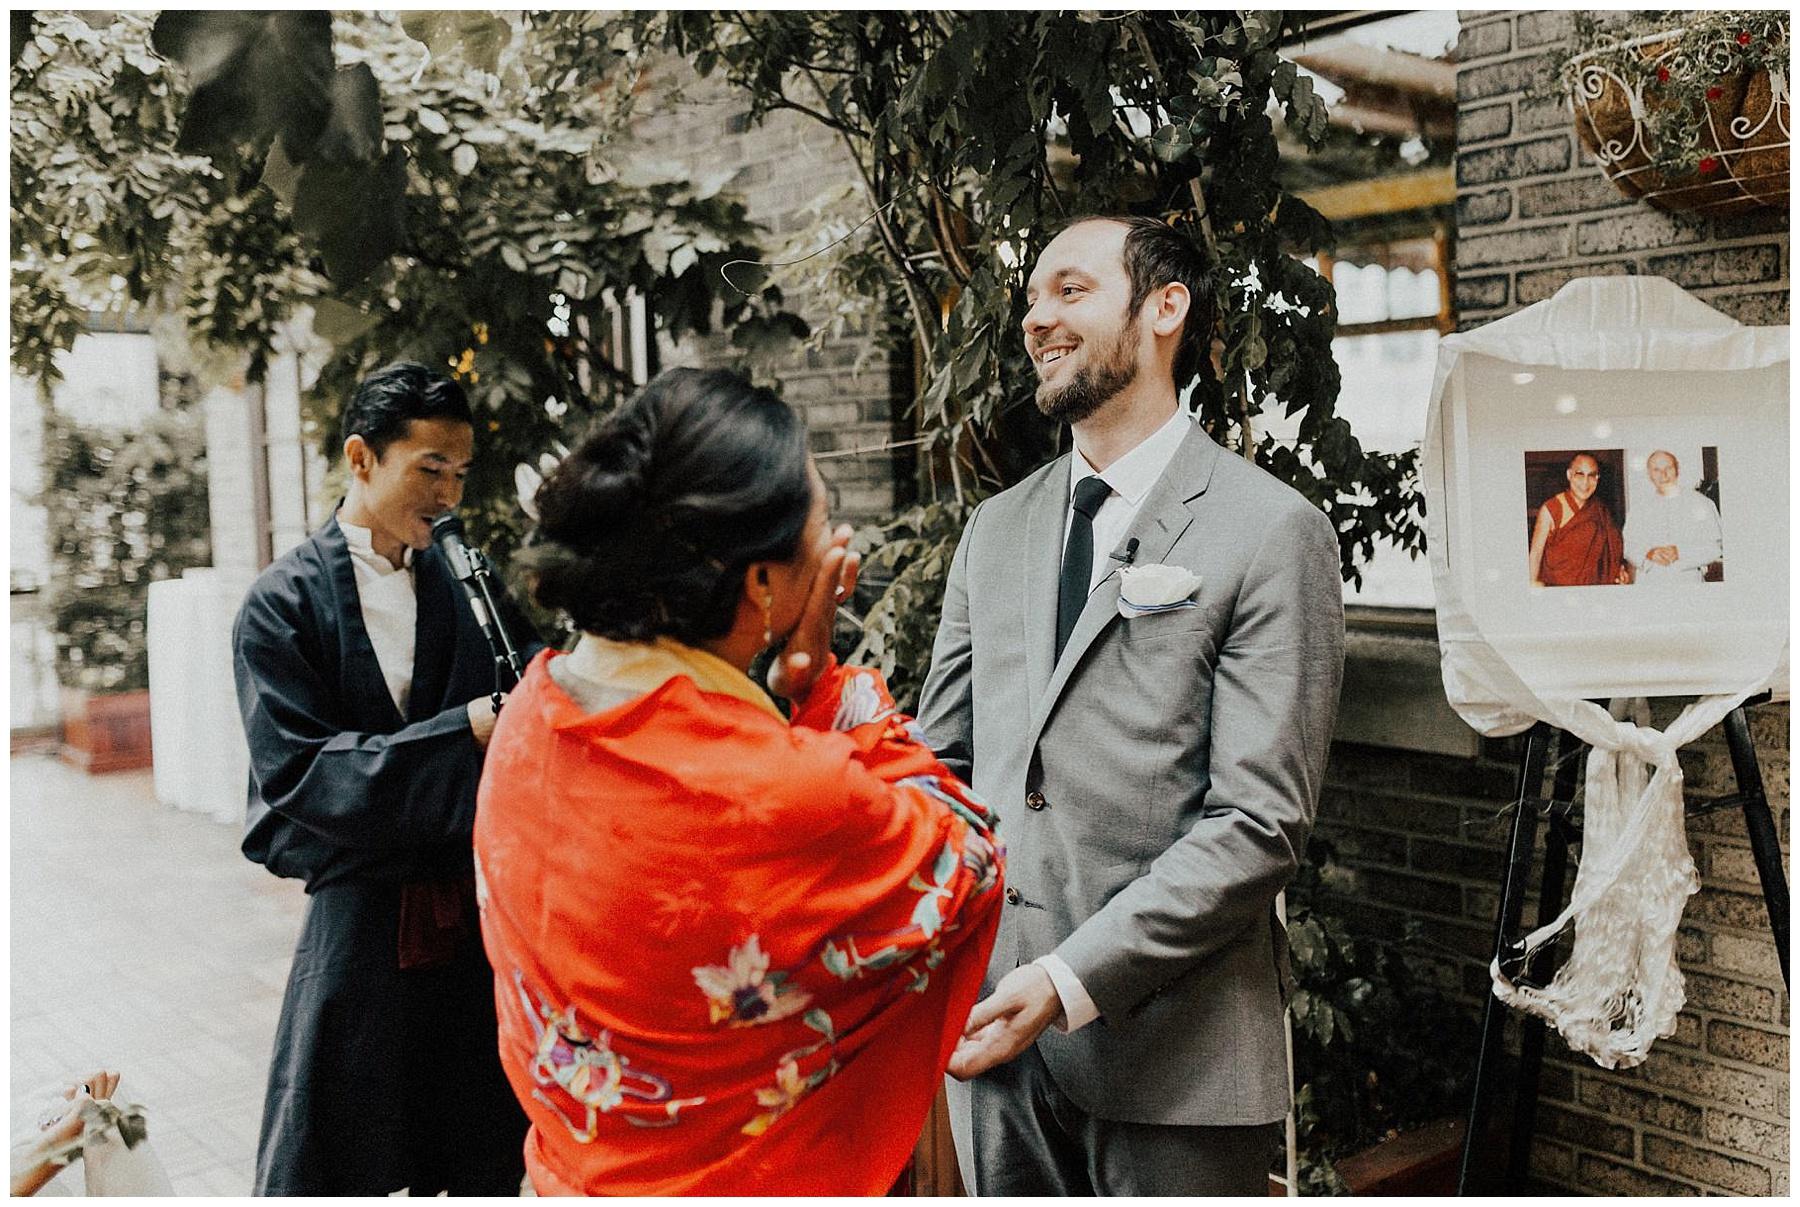 New York City Wedding New York City Wedding Photographer-18.jpg